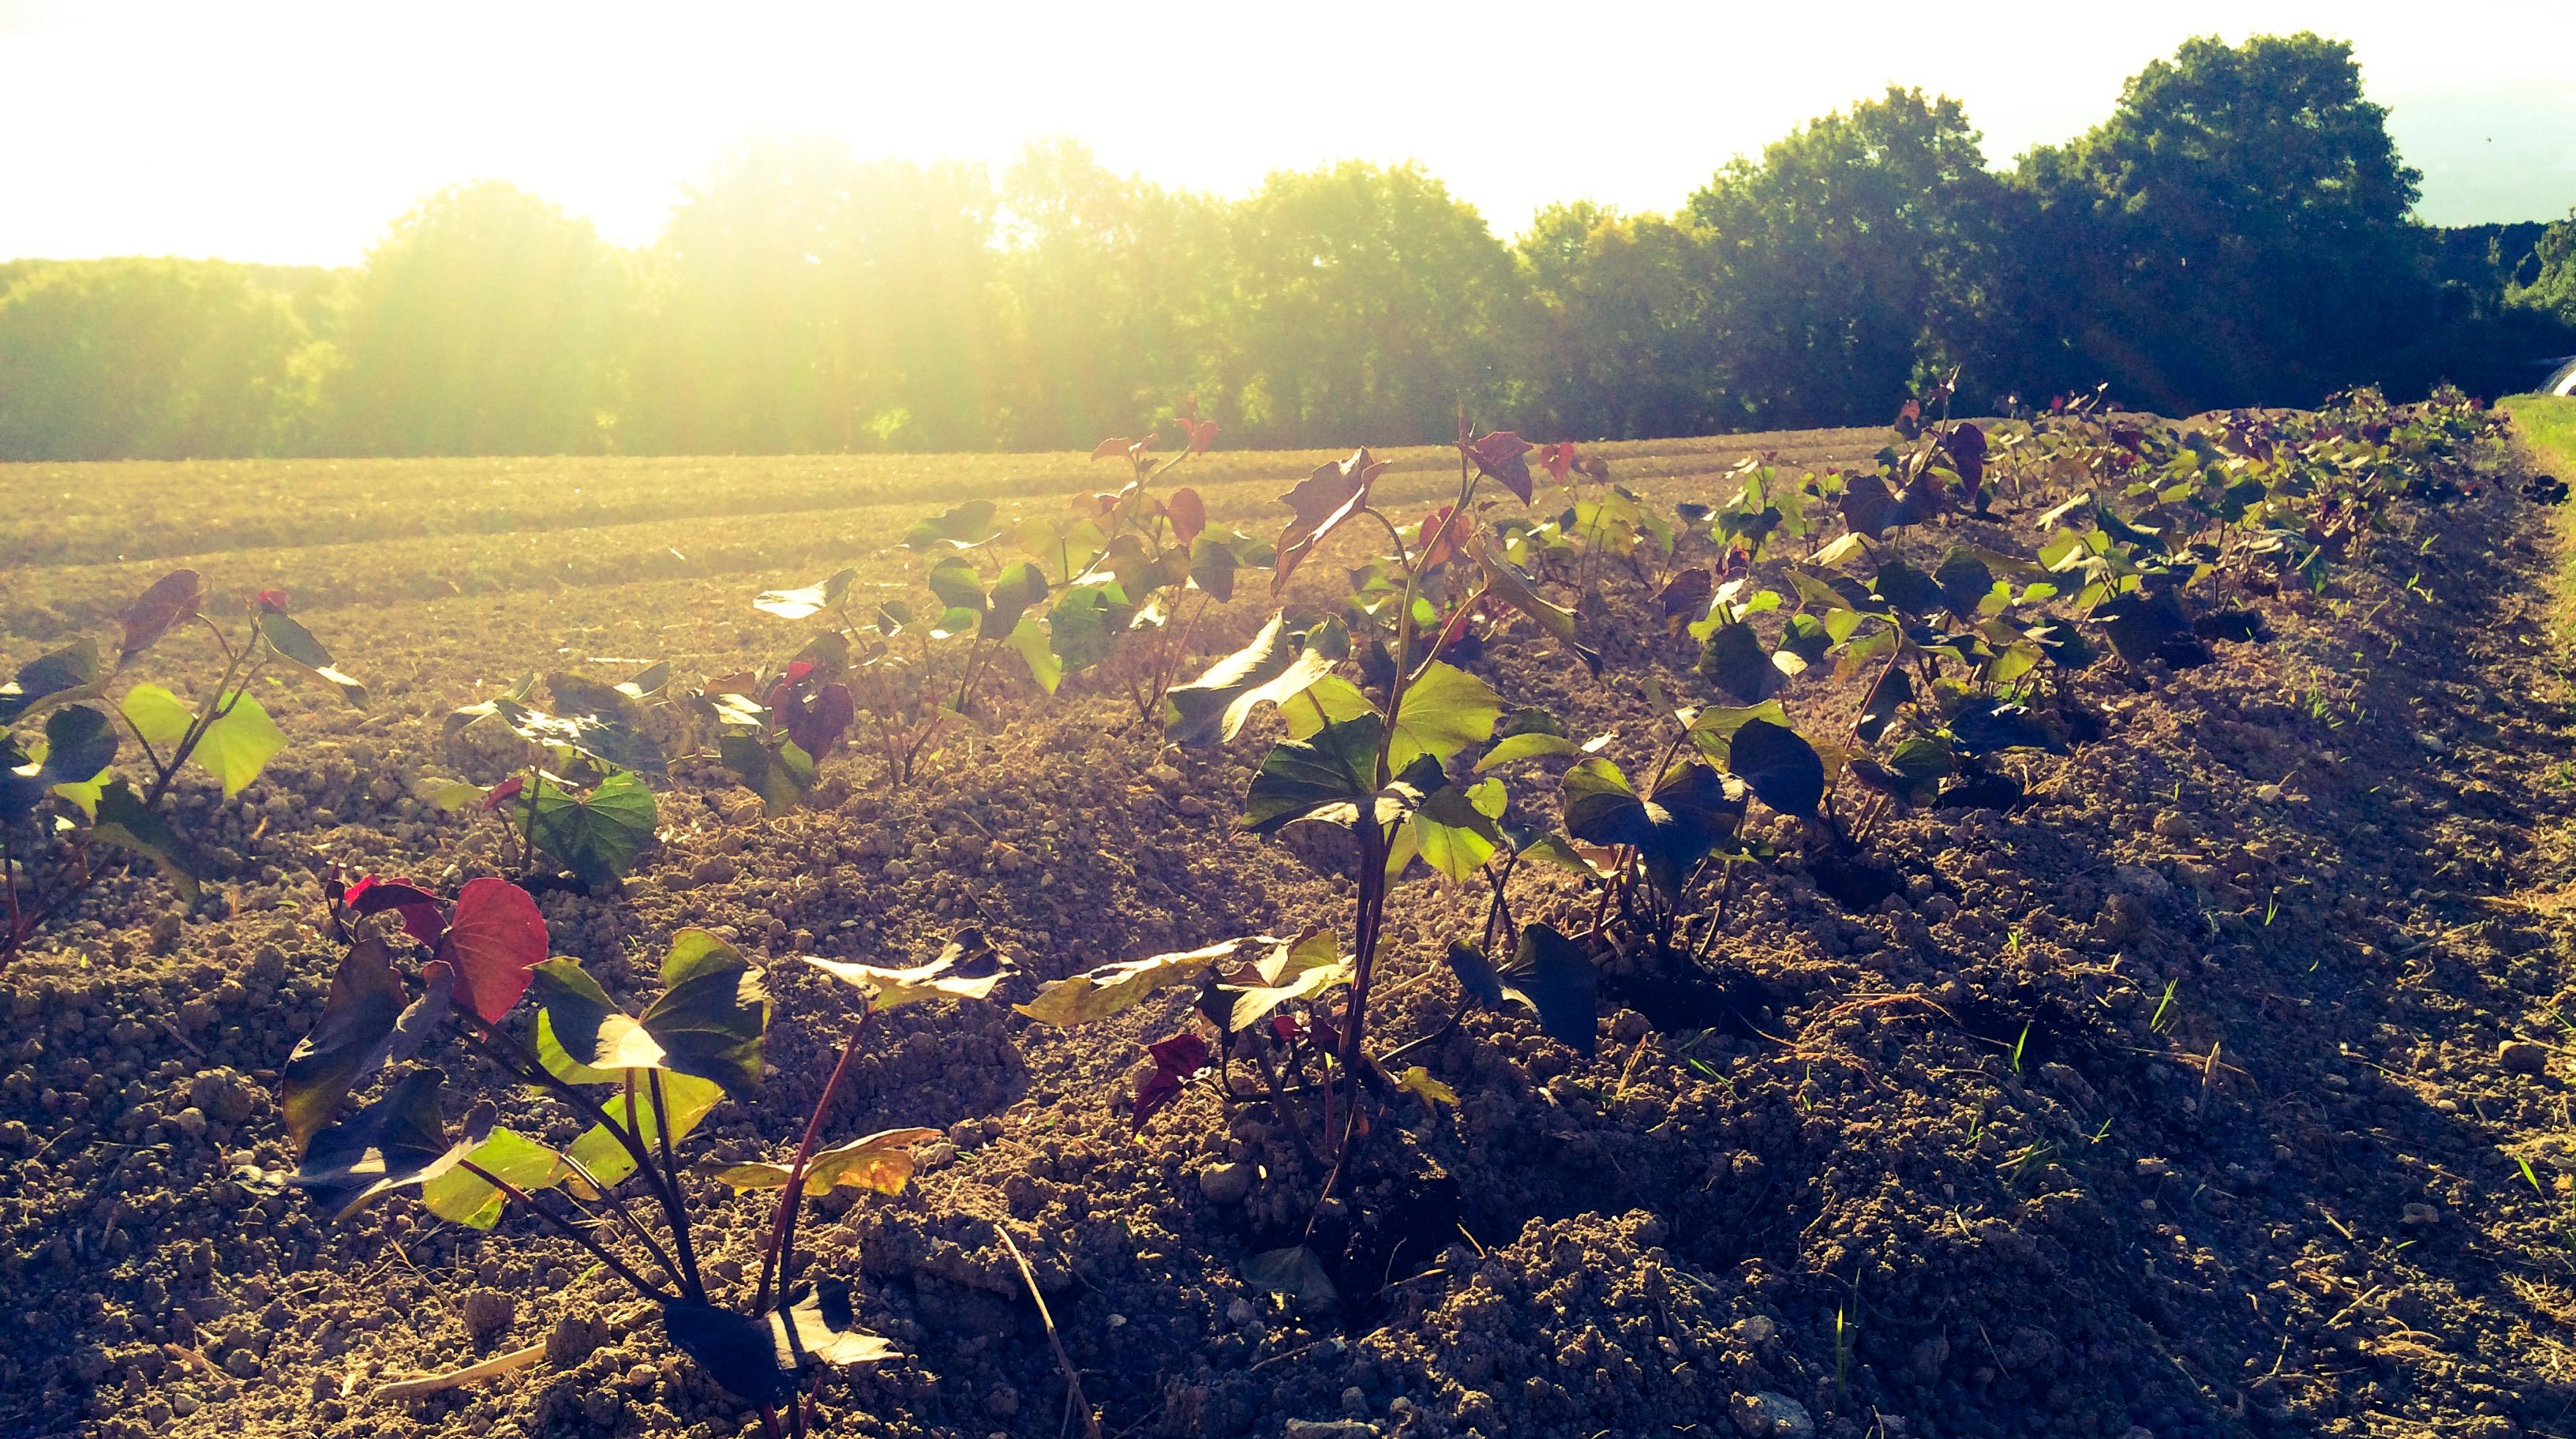 Plantation de patate douce en plein champ